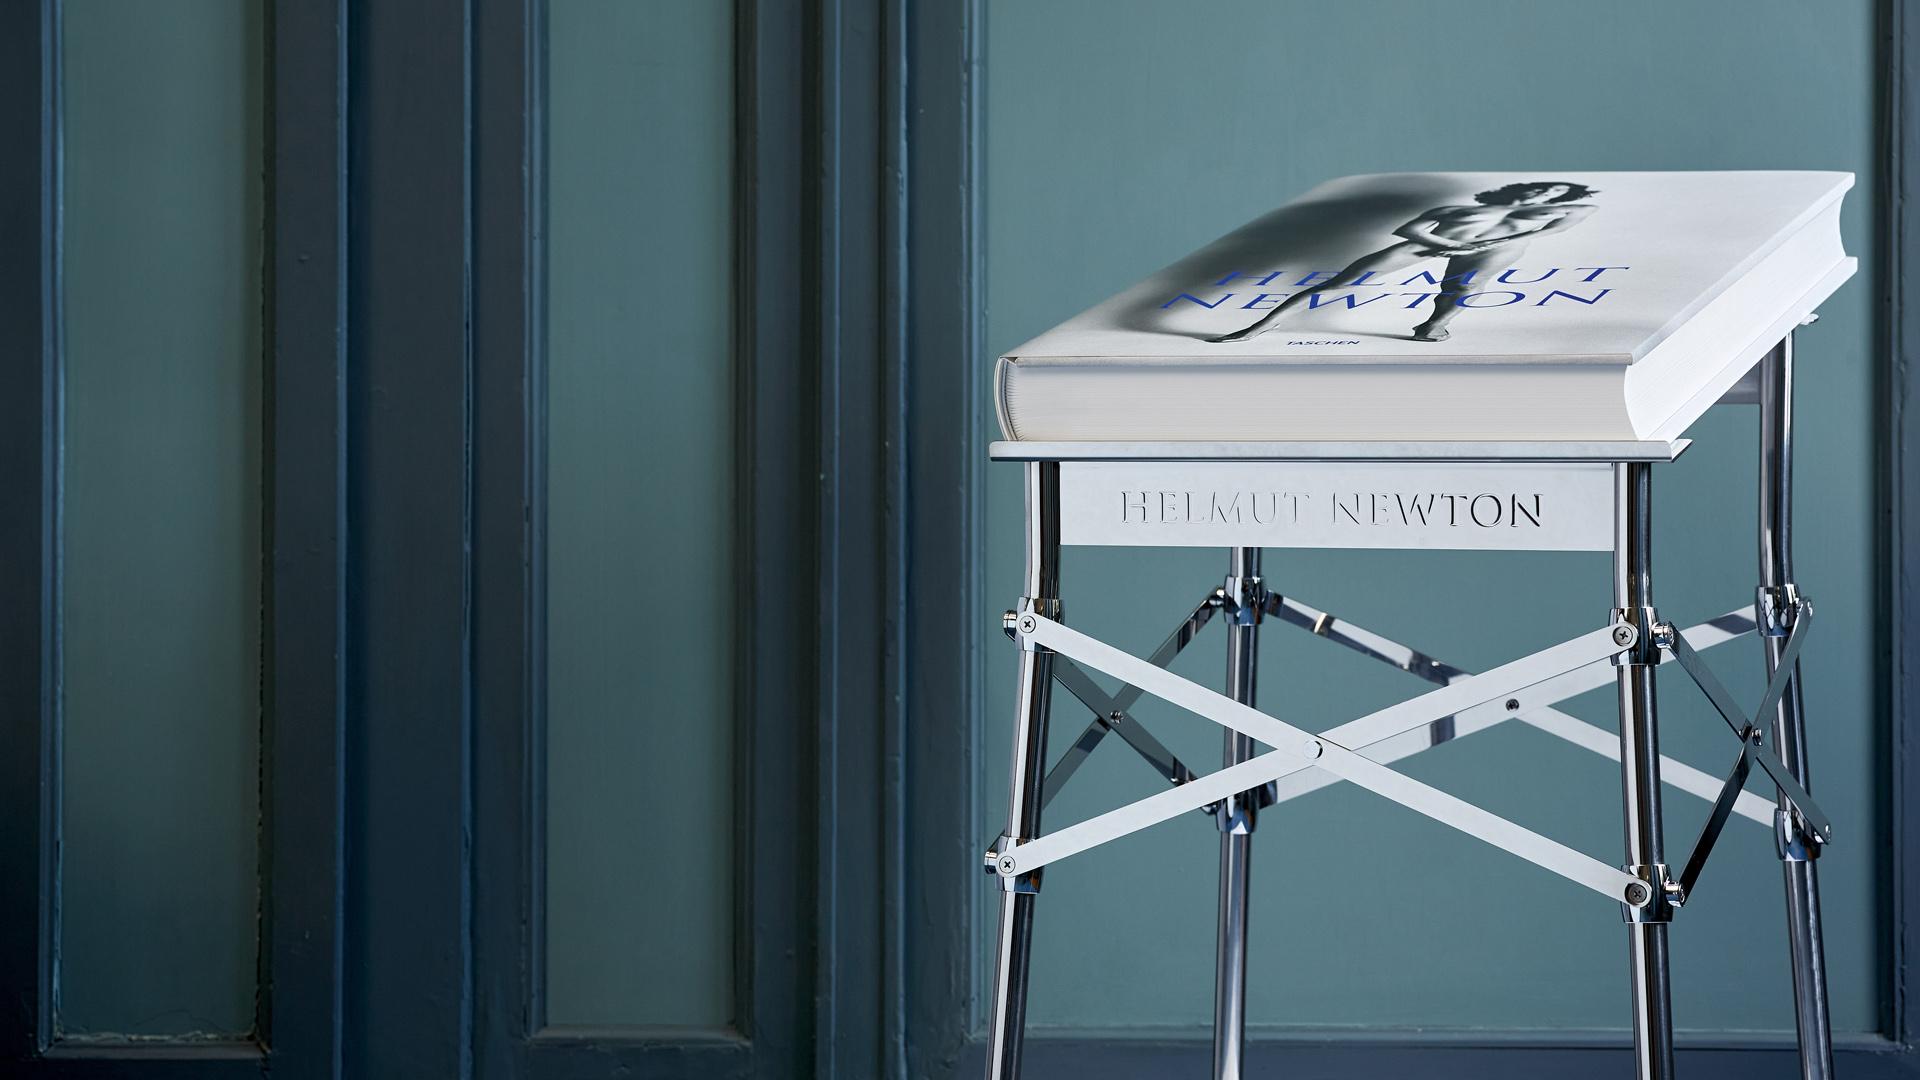 Opere d'arte di Helmut Newton: il caso editoriale di SUMO